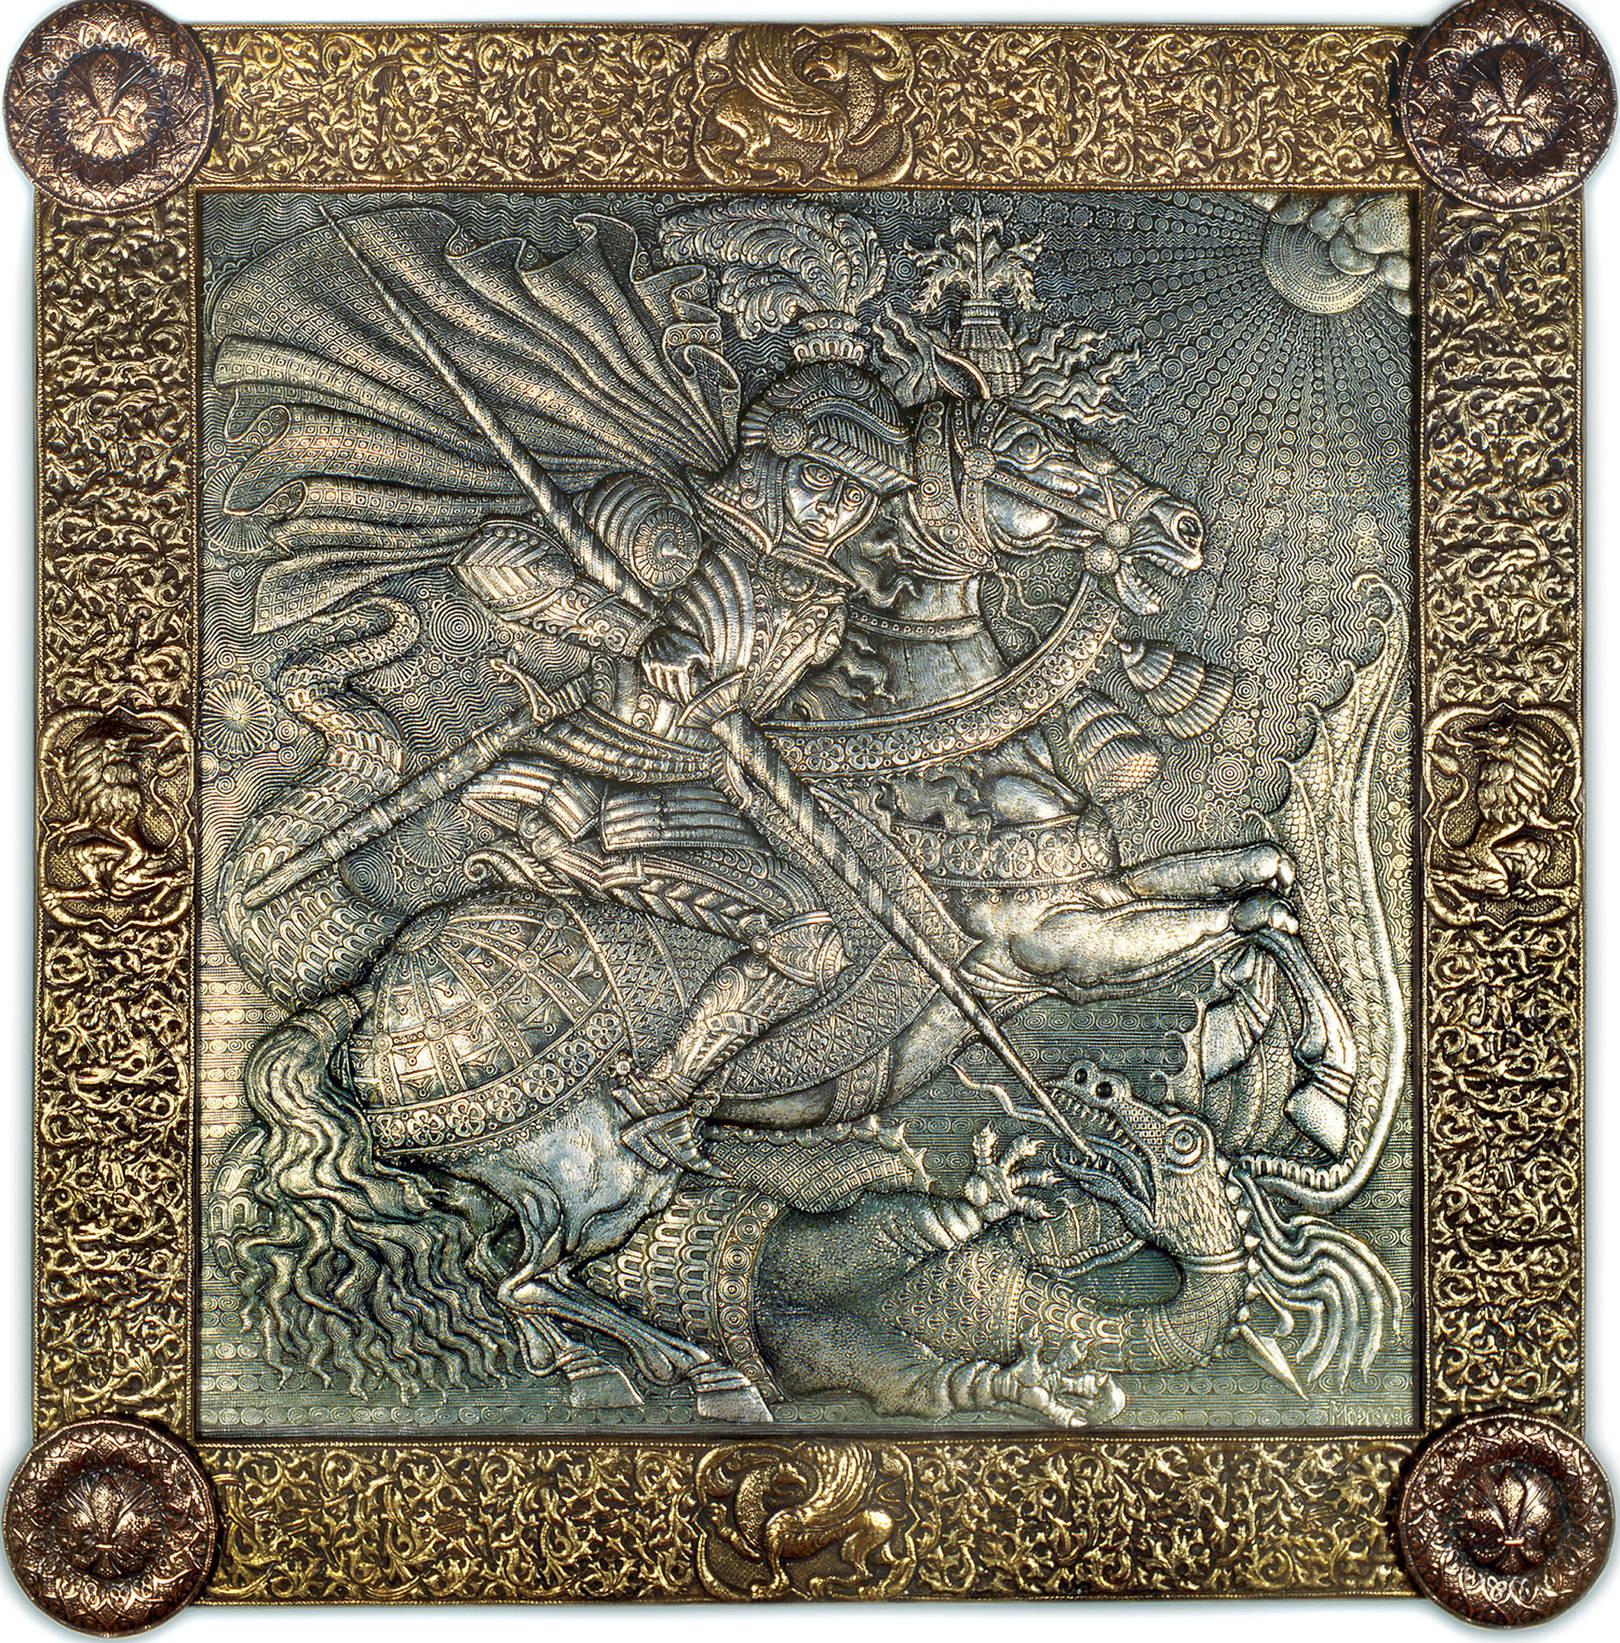 Георгий Победоносец (панно) 1993 г. Алюминий, латунь, медь; чернение 127 х127 см